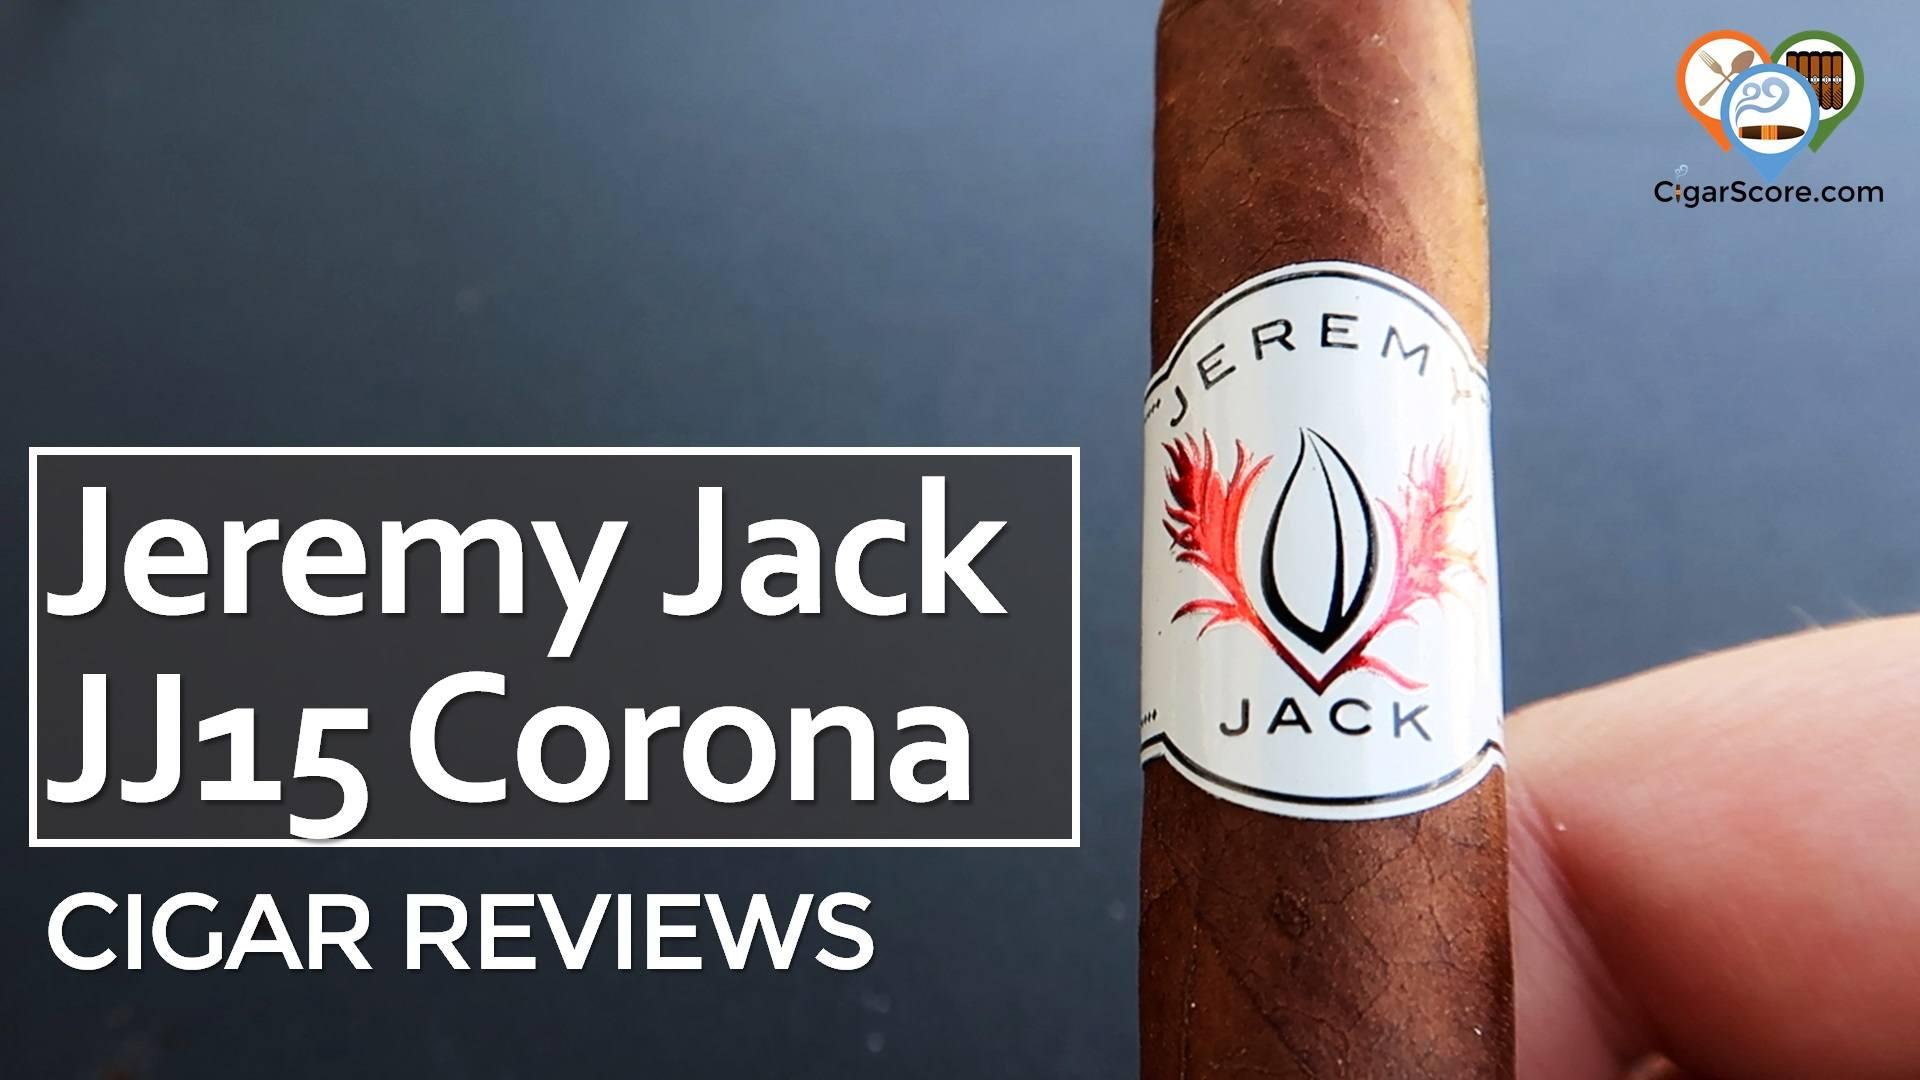 Cigar Review Jeremy Jack JJ15 Corona